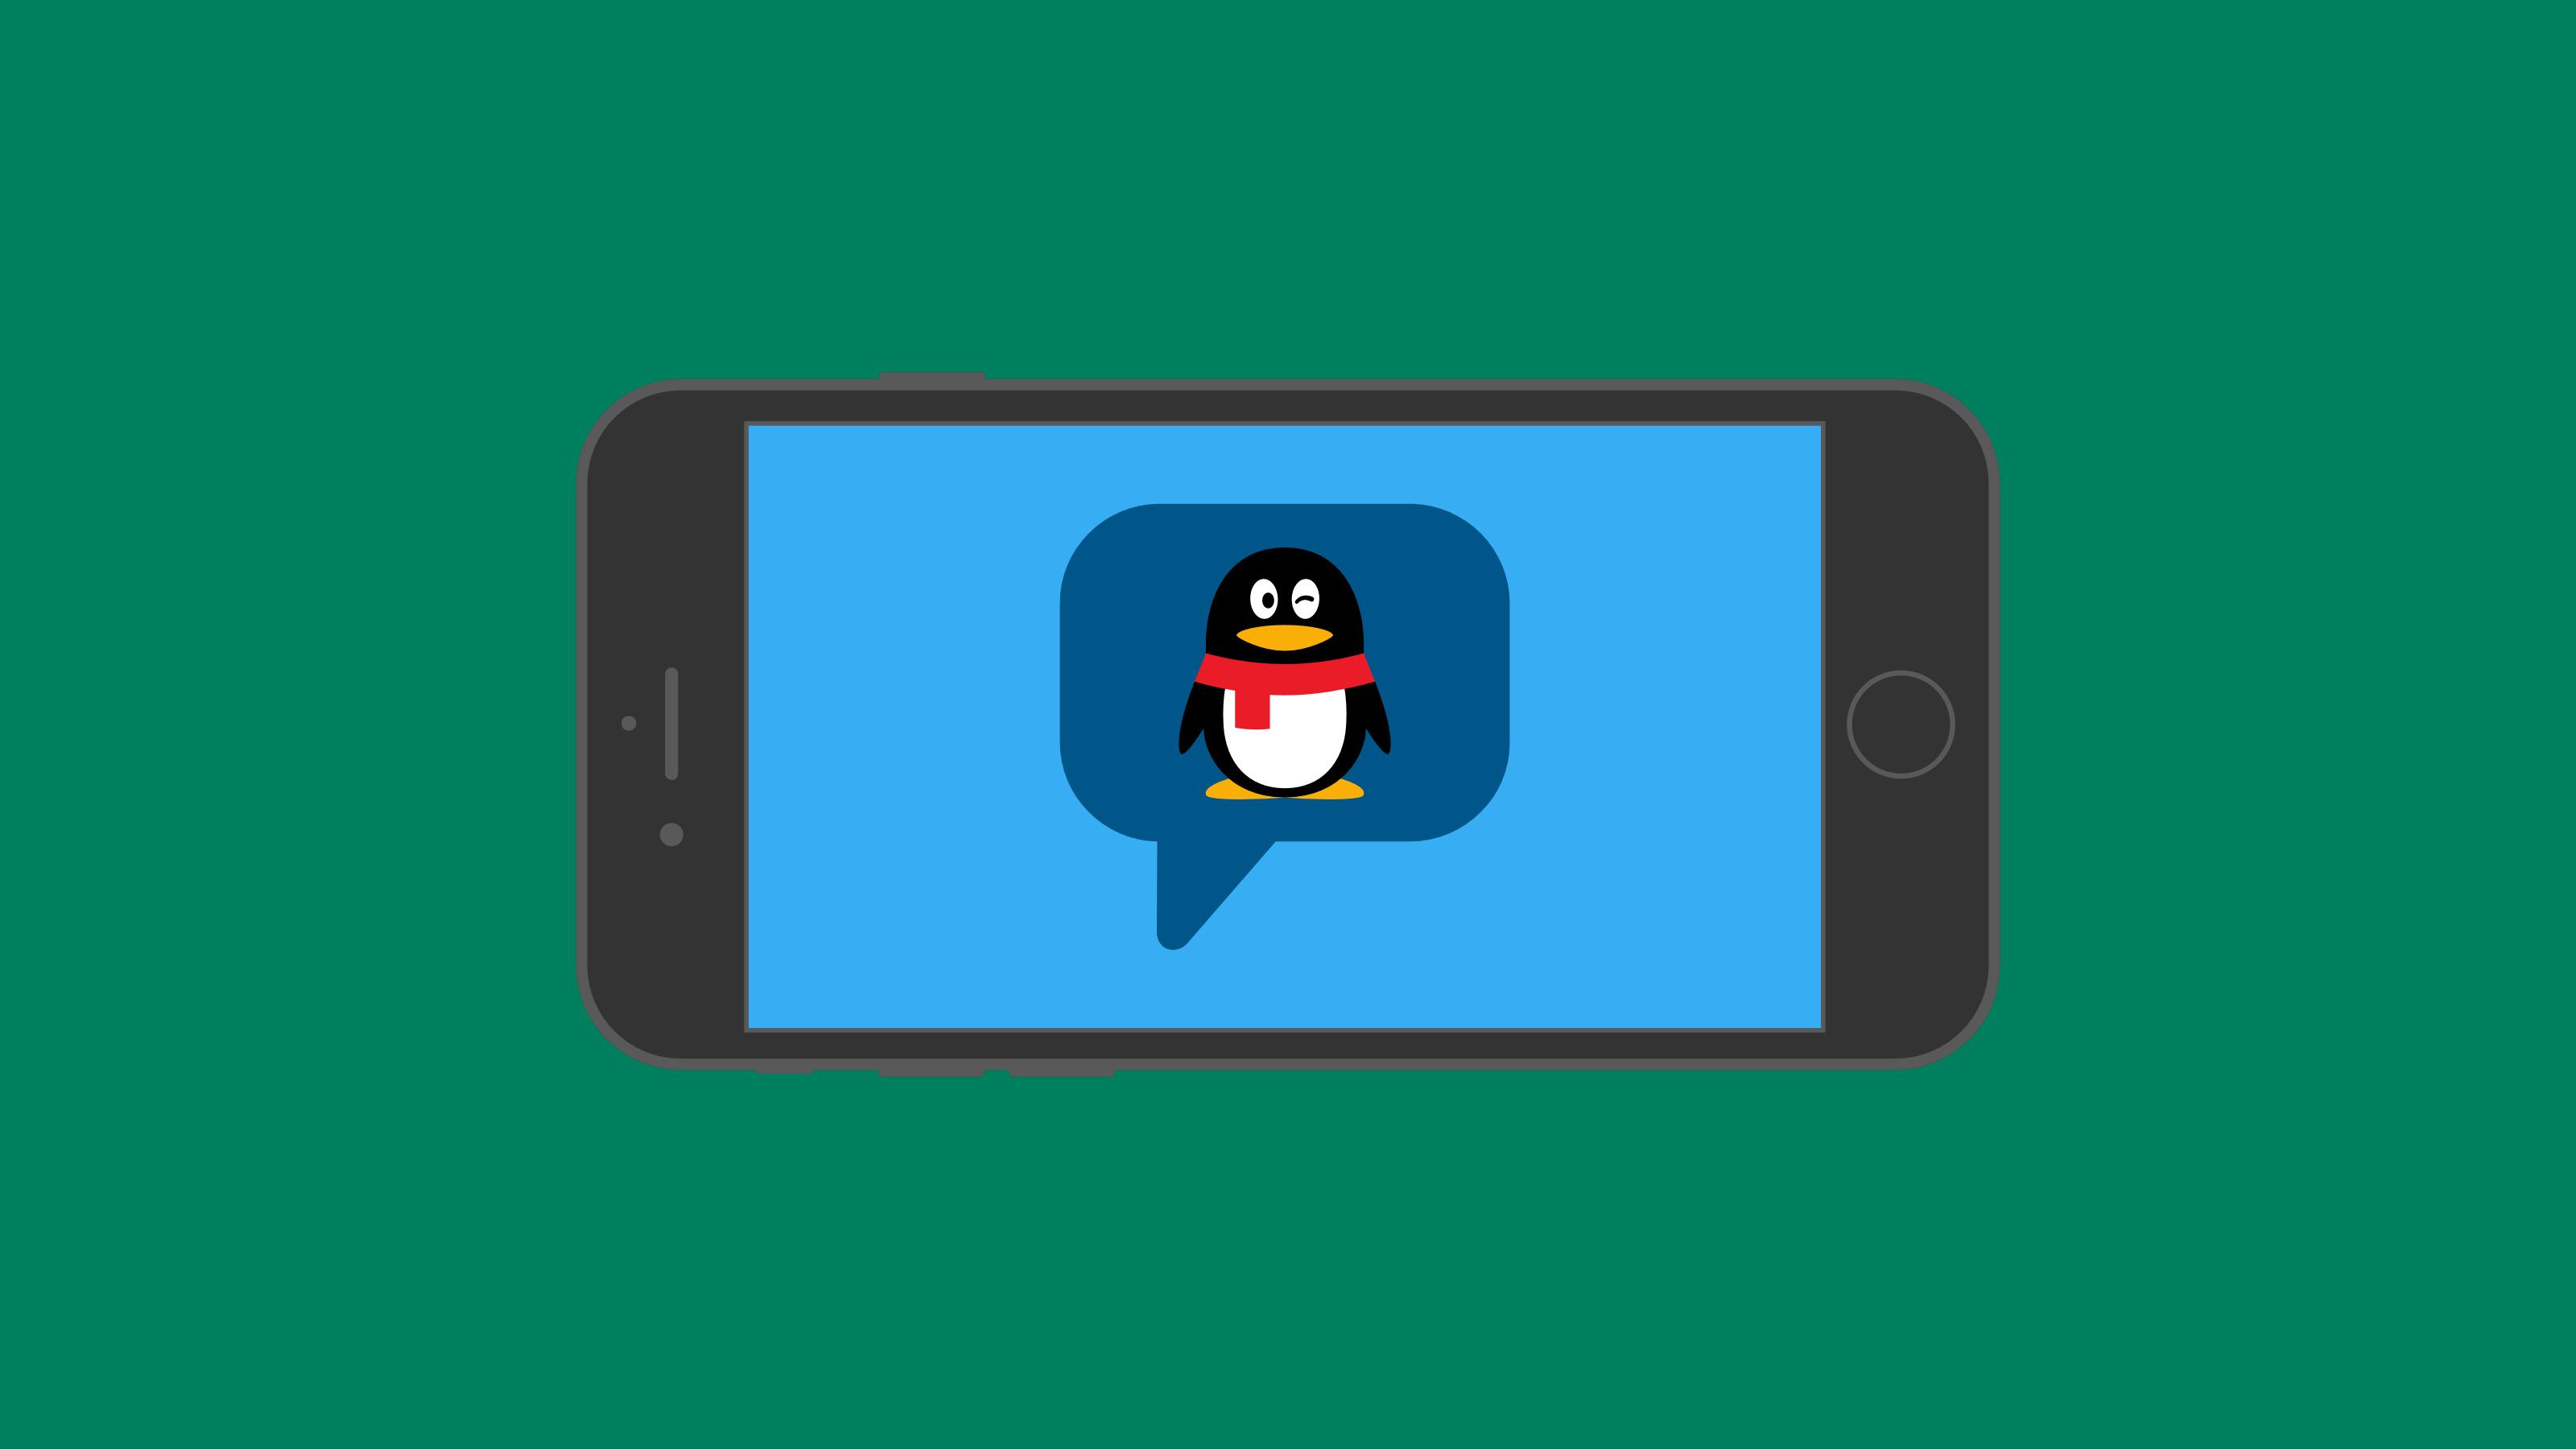 QQ Tencent messenger messaging apps brands